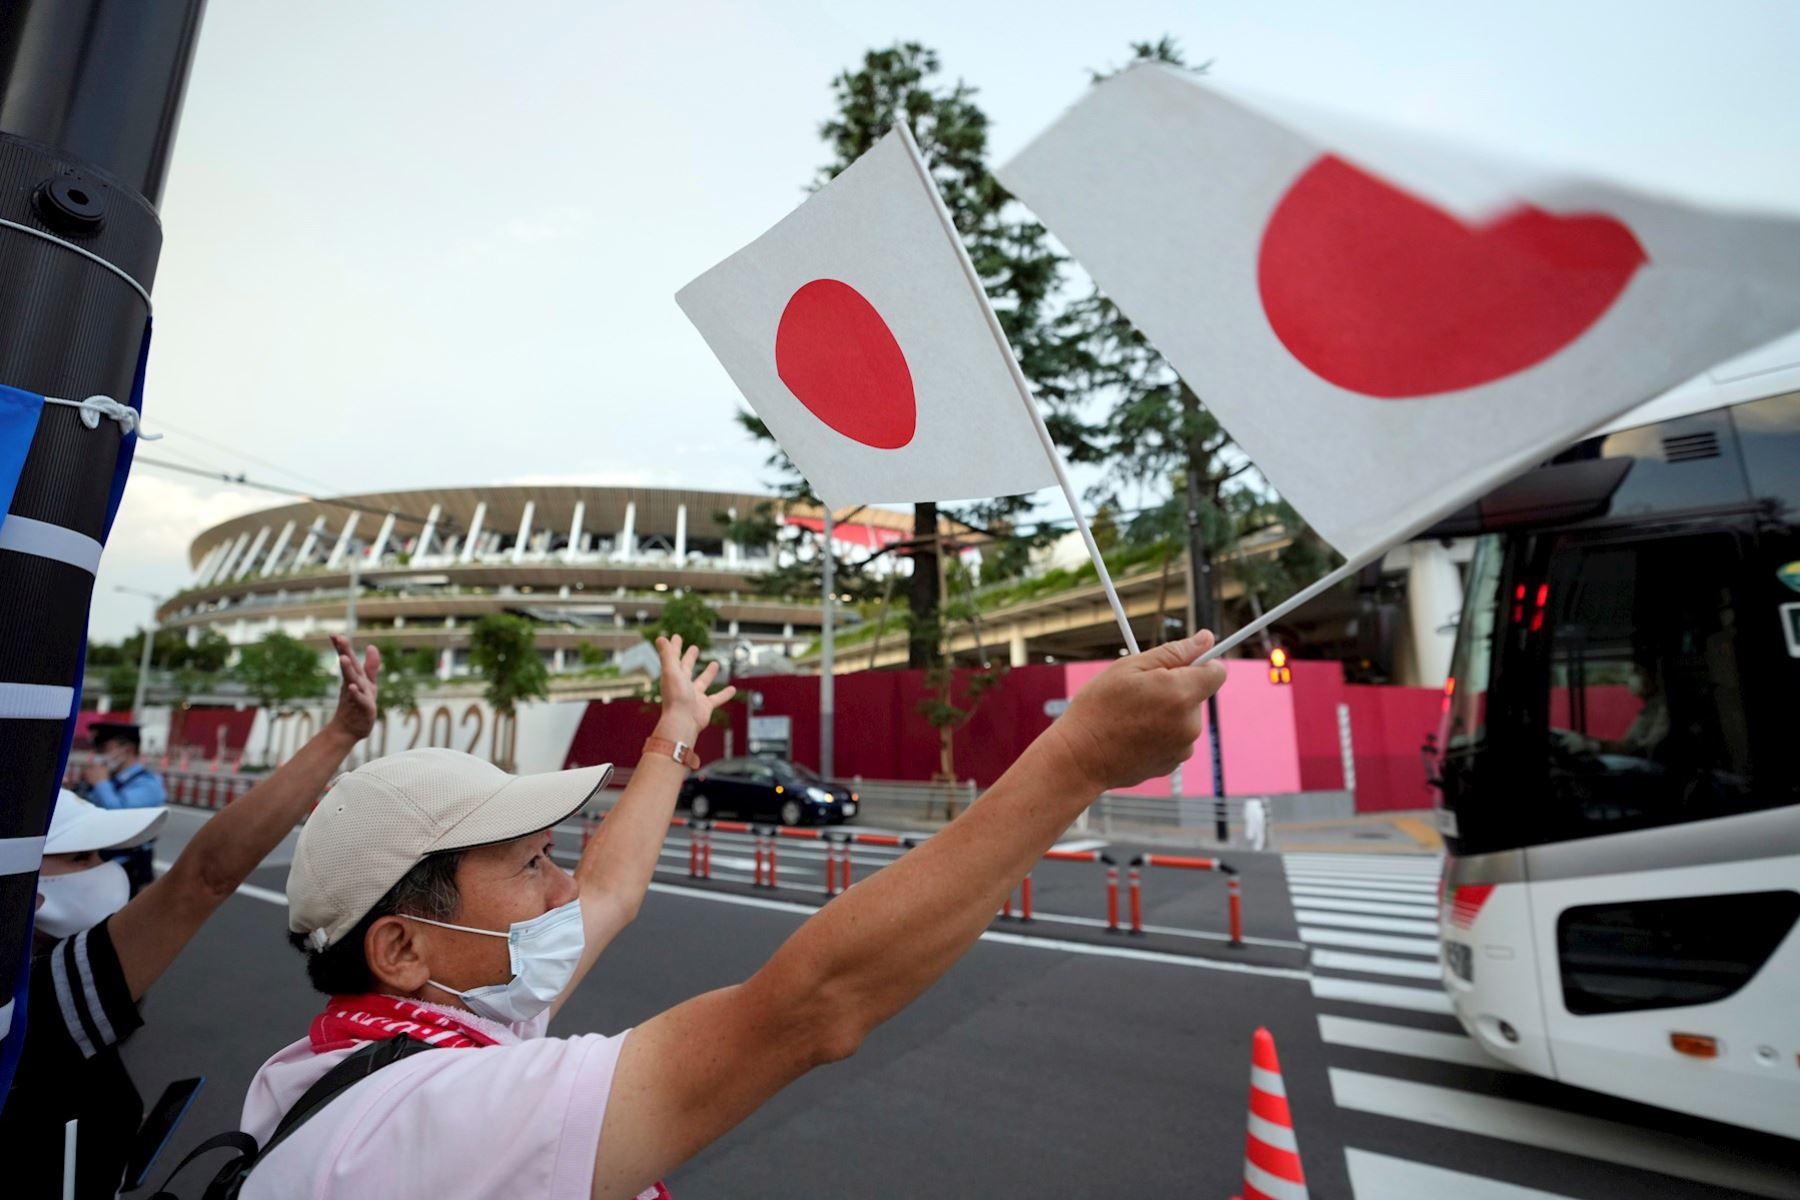 Público llega a la ceremonia de Apertura de los Juegos Olímpicos de Tokio 2020 en el Estadio Olímpico de Tokio, Japón. Foto: EFE